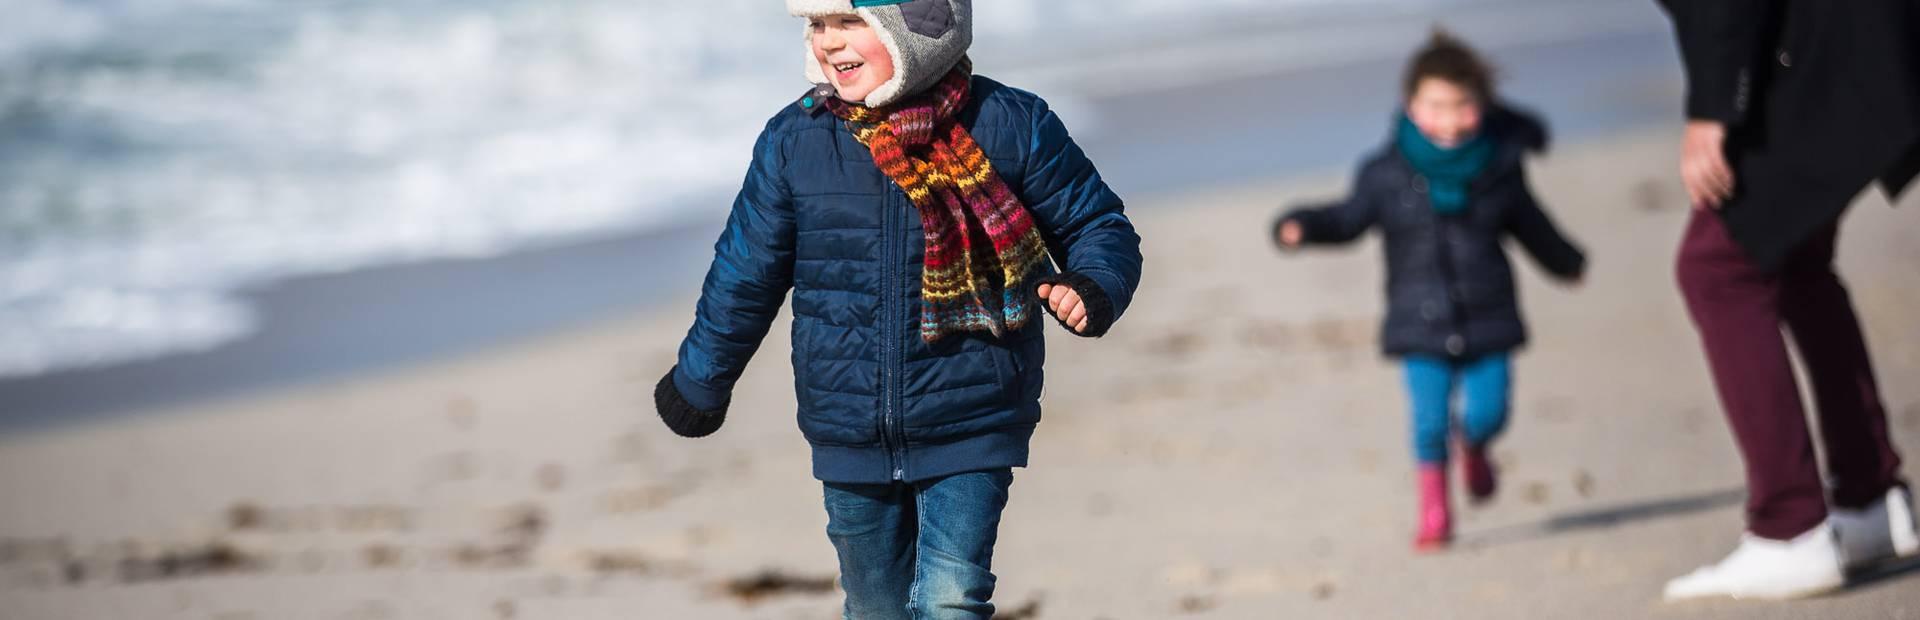 Running on the beach in winter ©Y.Derennes